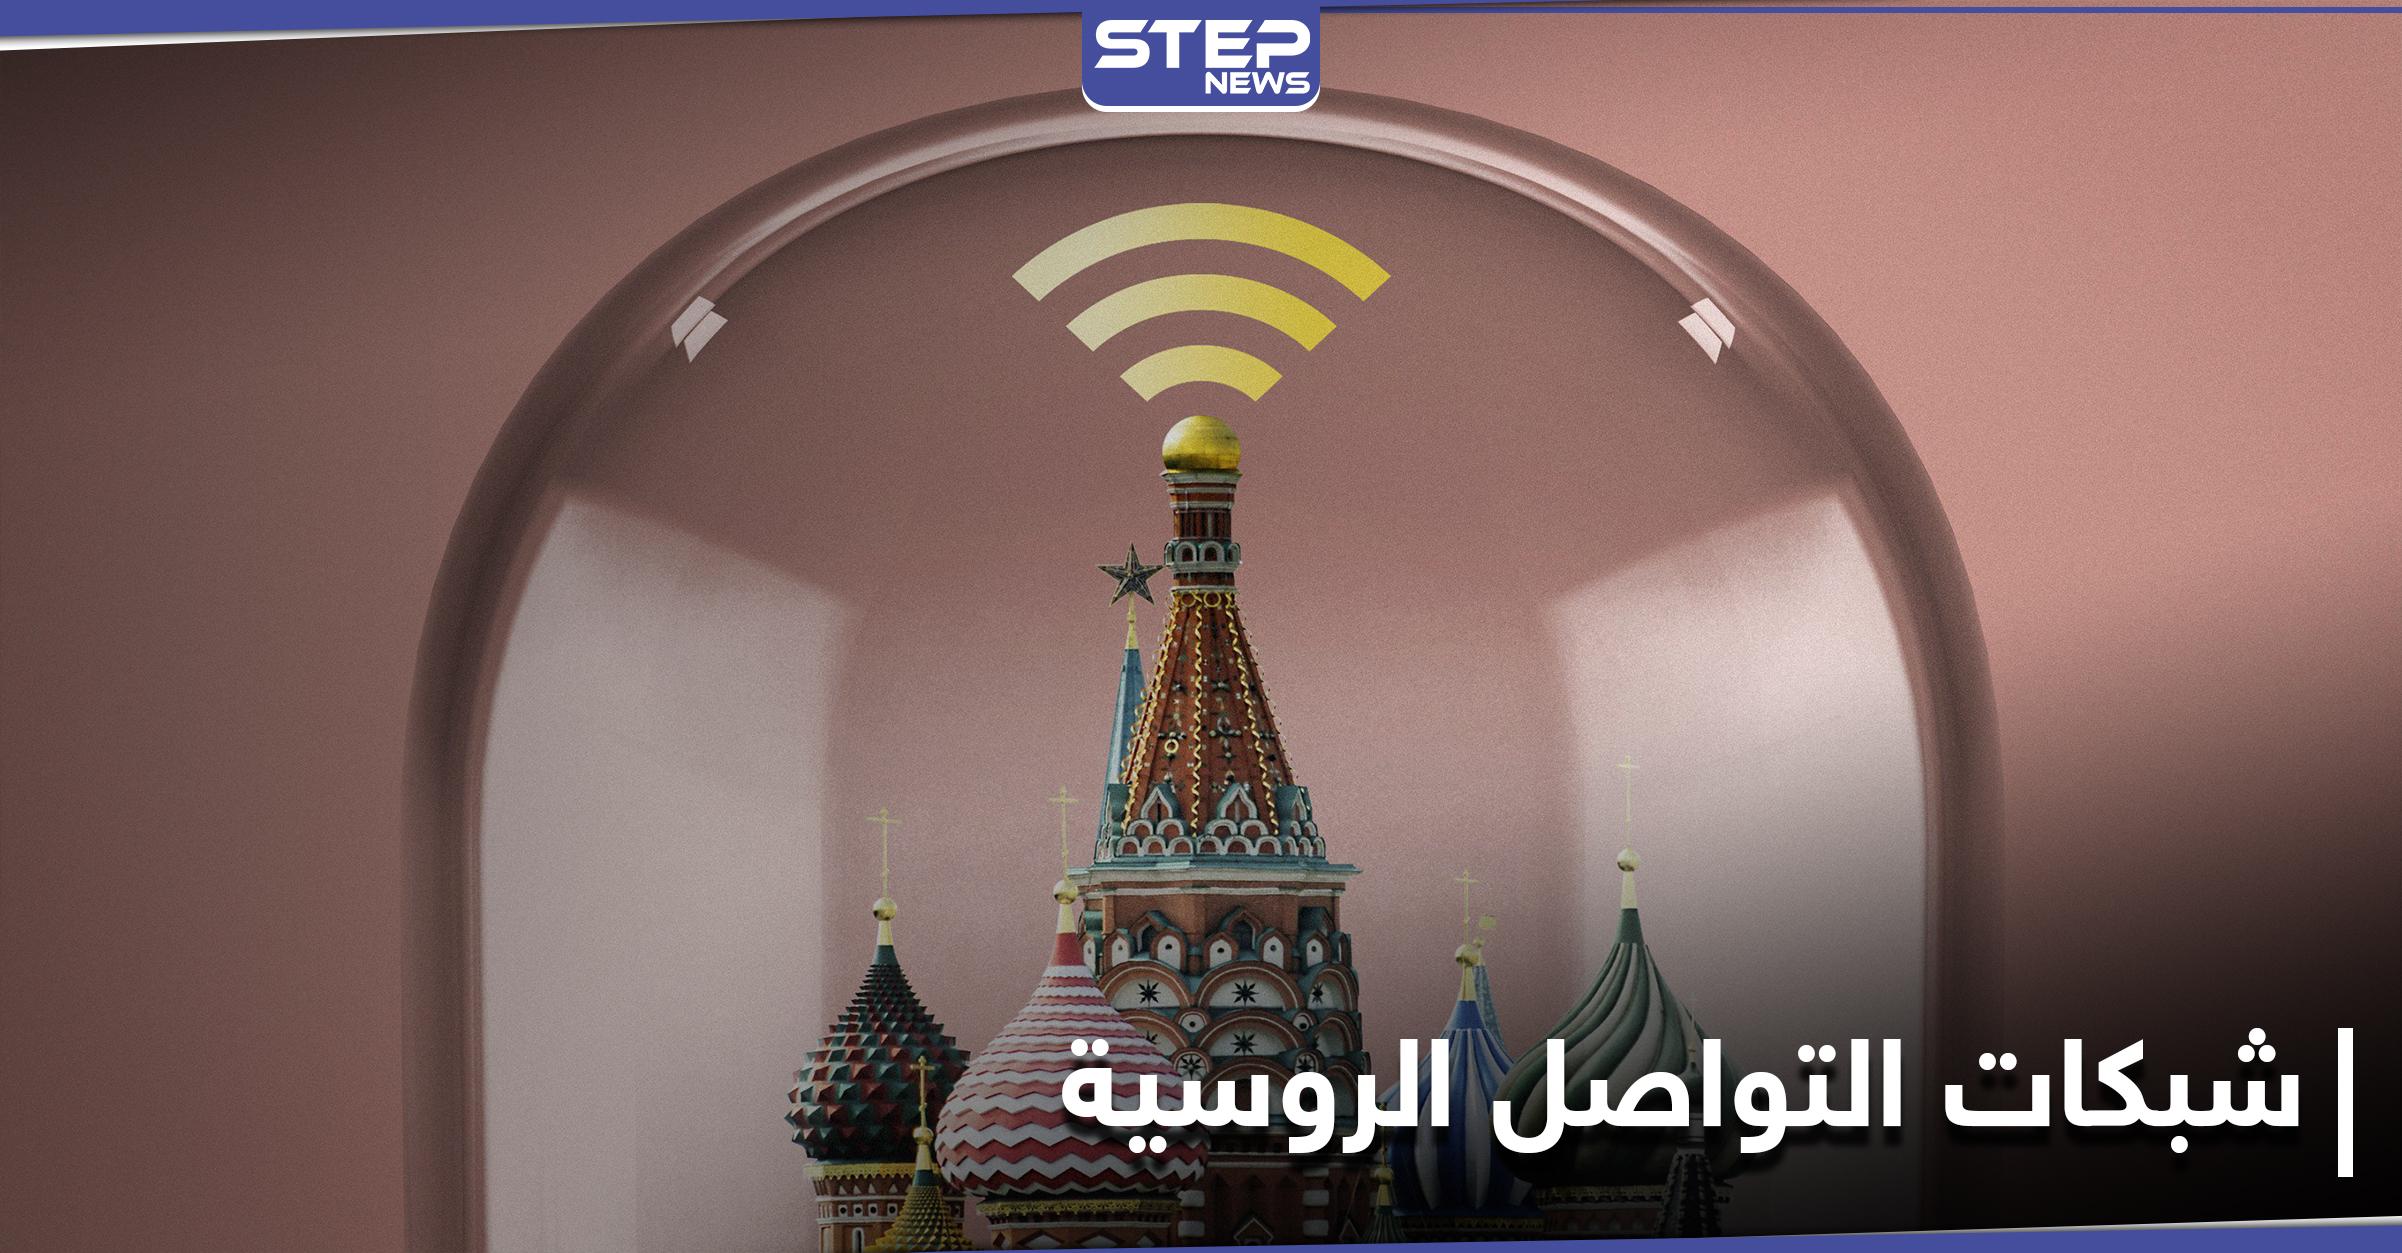 هل تنفصل روسيا عن الإنترنت العالمي ومواقع التواصل الاجتماعي؟ مصادر تكشف التفاصيل